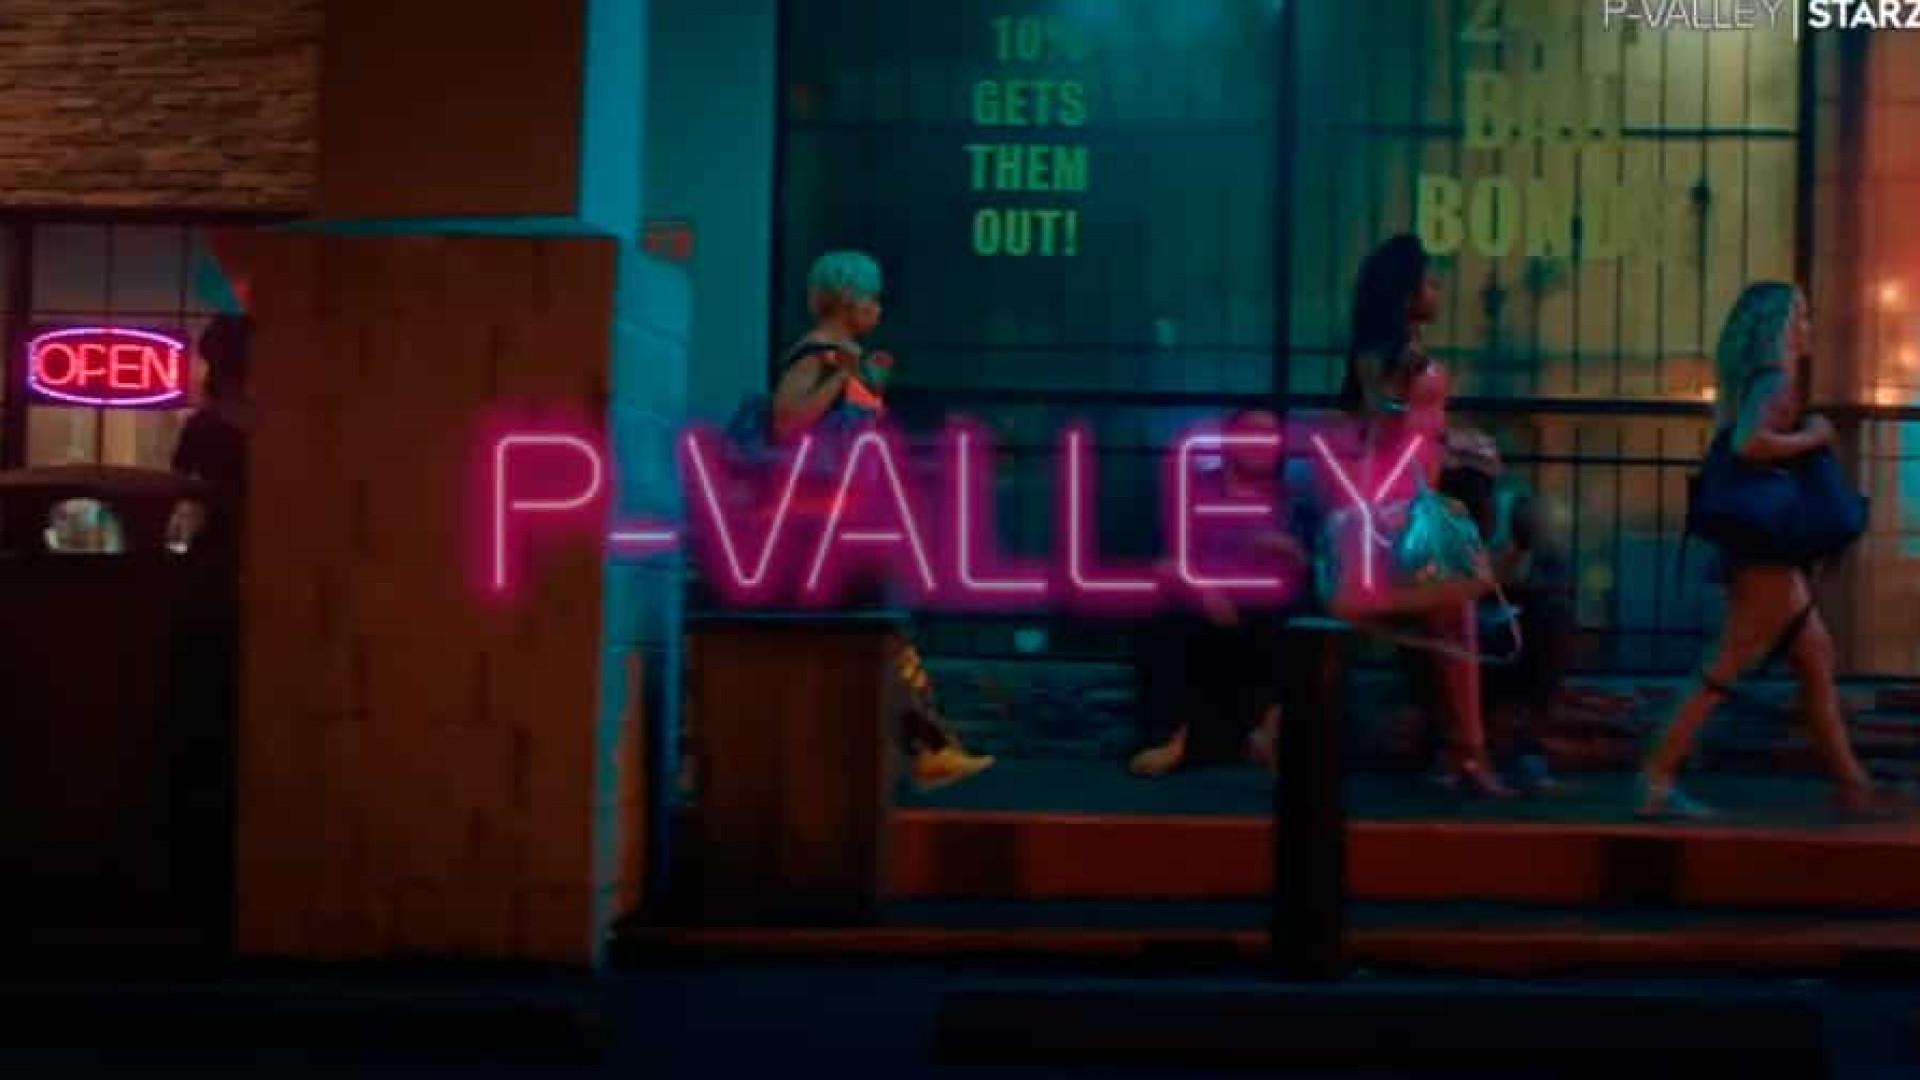 'P-Valley' seduz com liberdade sexual e shows incendiários